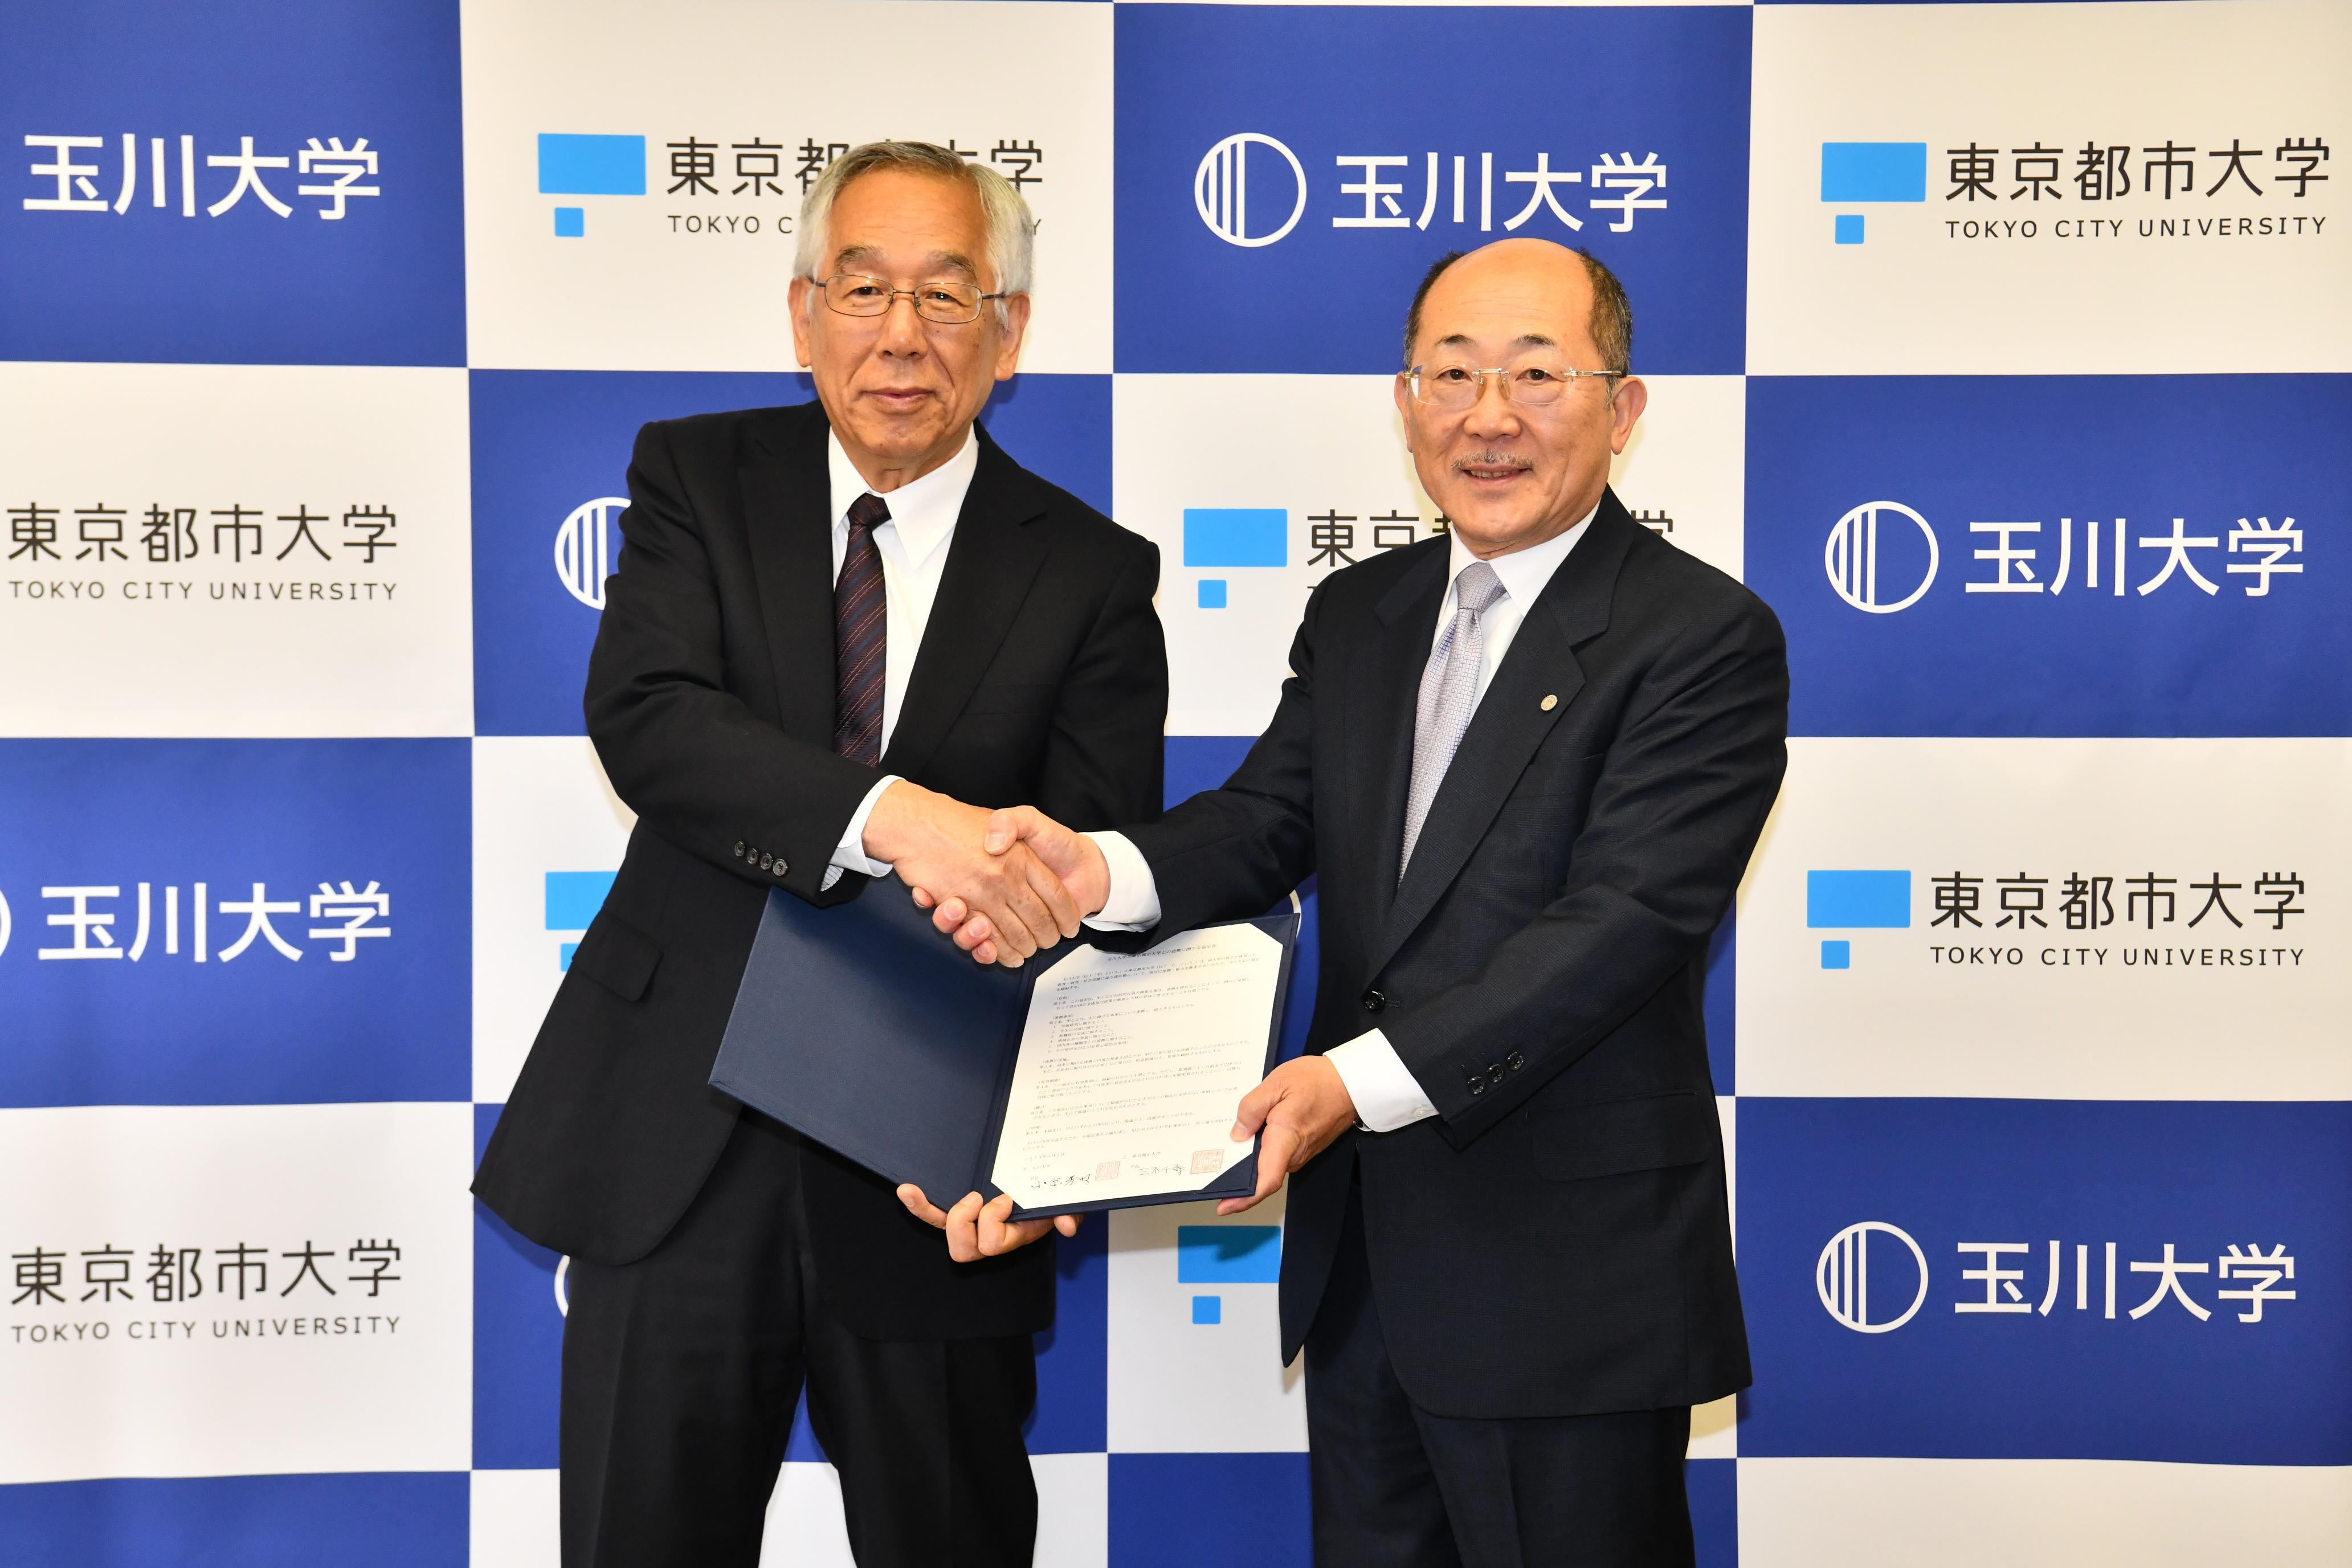 東京都市大学と玉川大学が連携に関する協定を締結~学術研究、学生・教職員の交流、地域社会の発展などの分野において相互に協力~